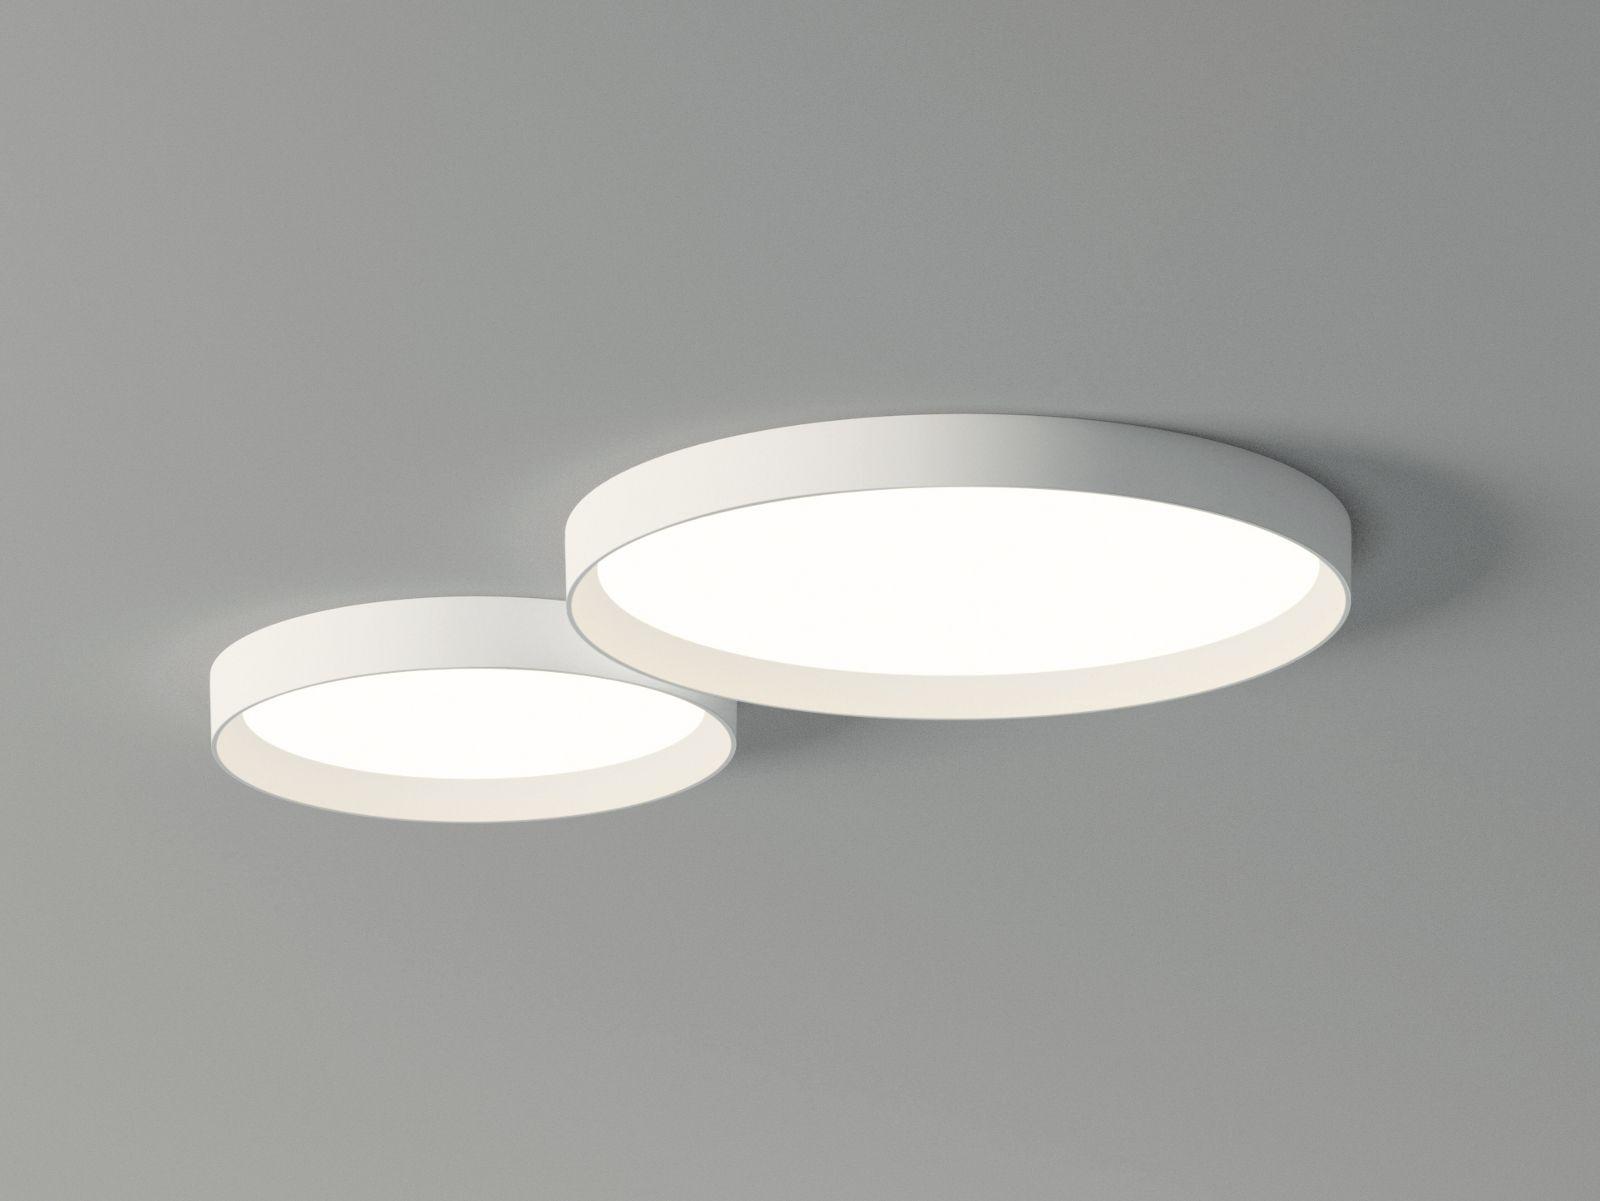 Gips Deckenleuchte GL 104 E27 weiß EEK A A Amazon Beleuchtung Schlafzimmer Pinterest